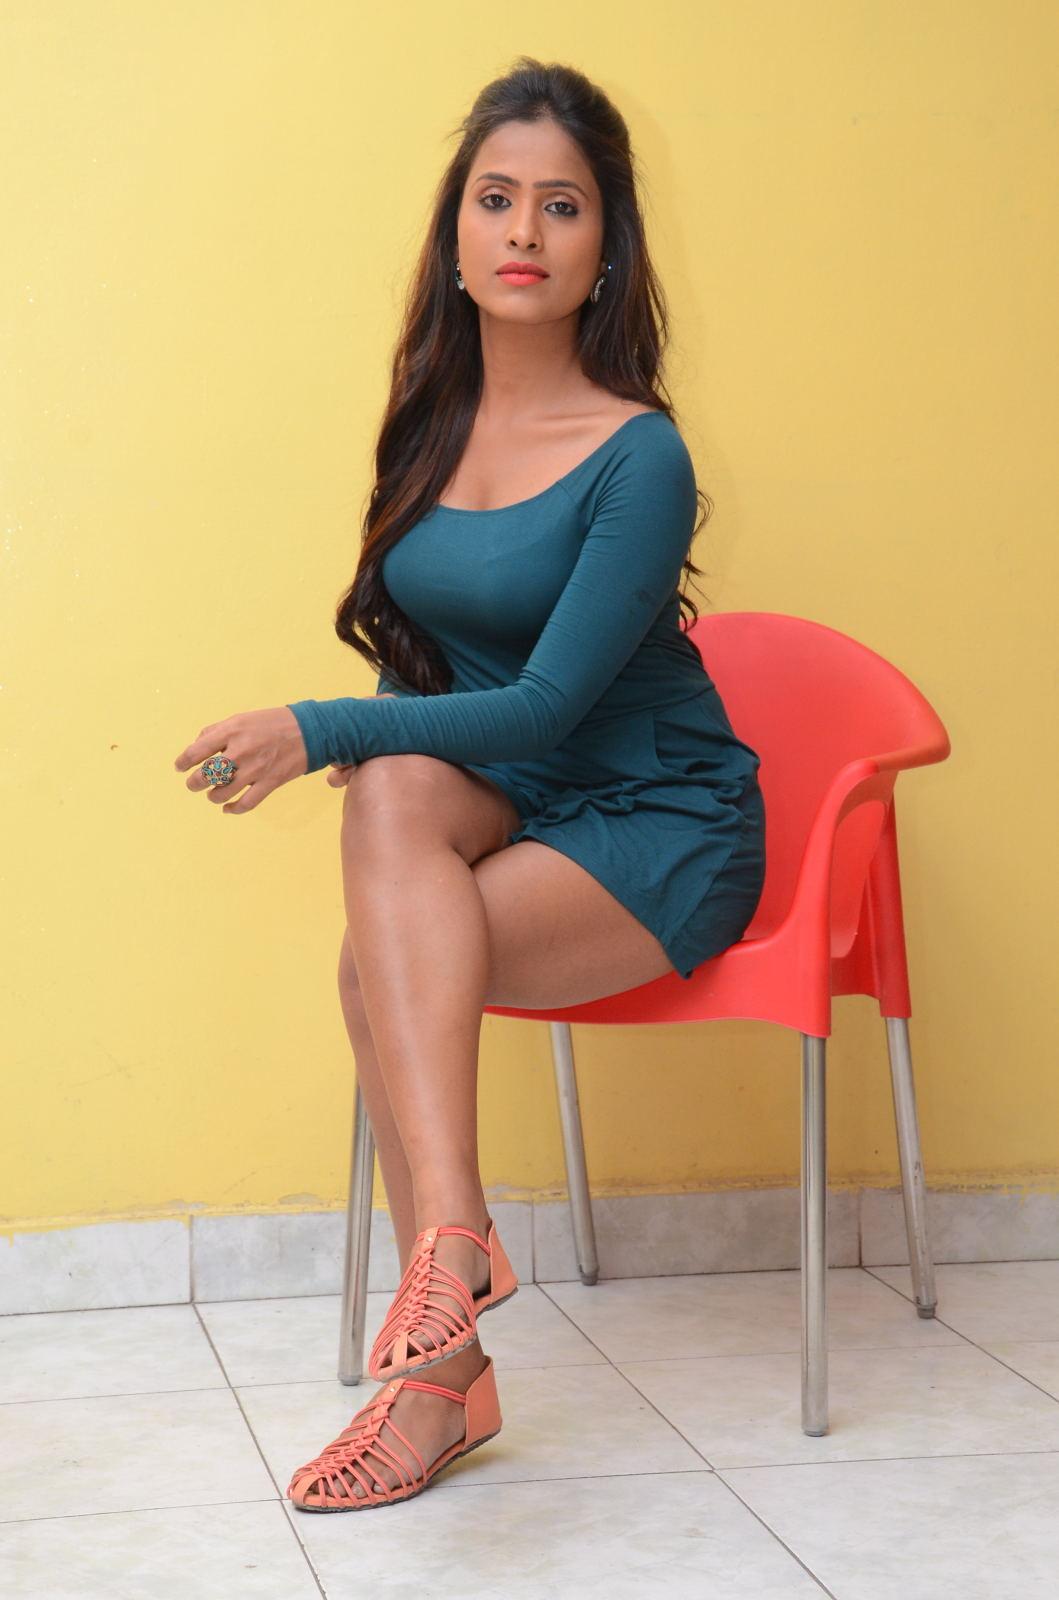 prashanthi Super Hot Prashanthi In Sexy Outfit | Indian Cinema | Models | Actresses Prashanthi Hot Photo Stills 129